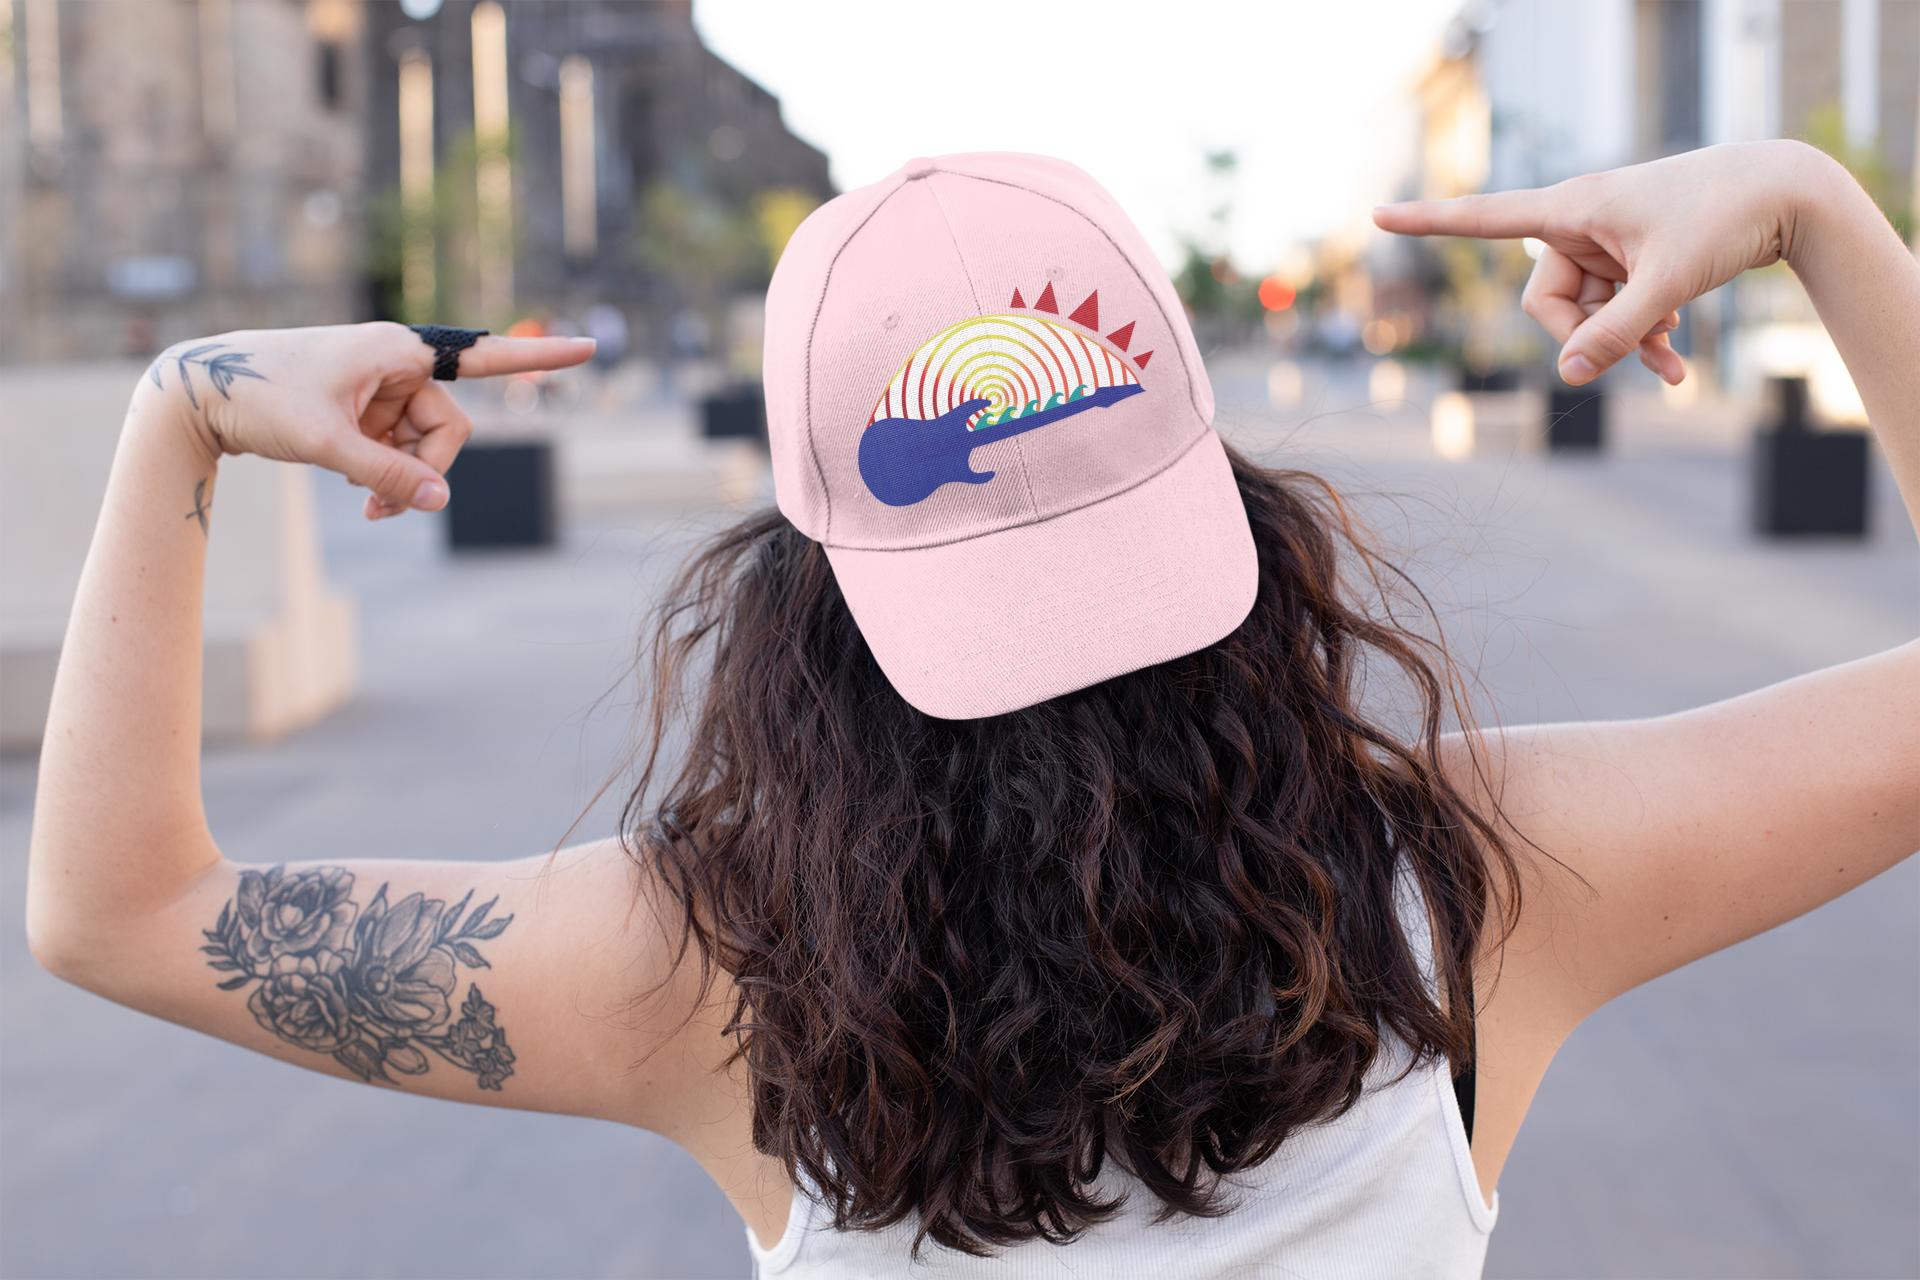 Trondossa Hat Design